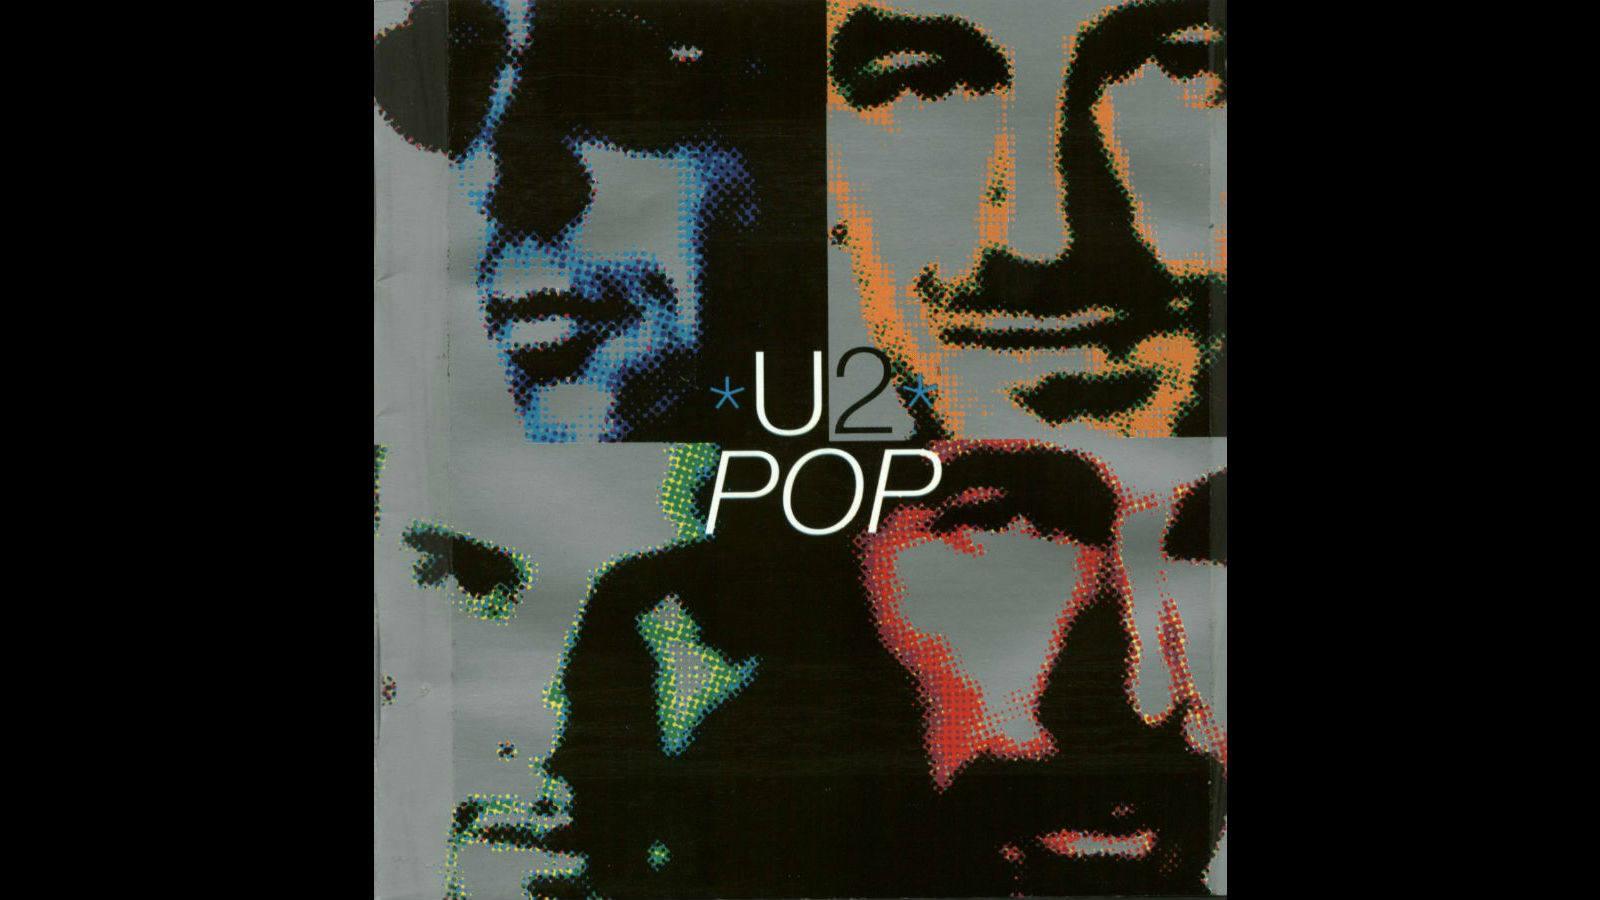 Las peores portadas de discos de la historia - Cultura Música ...